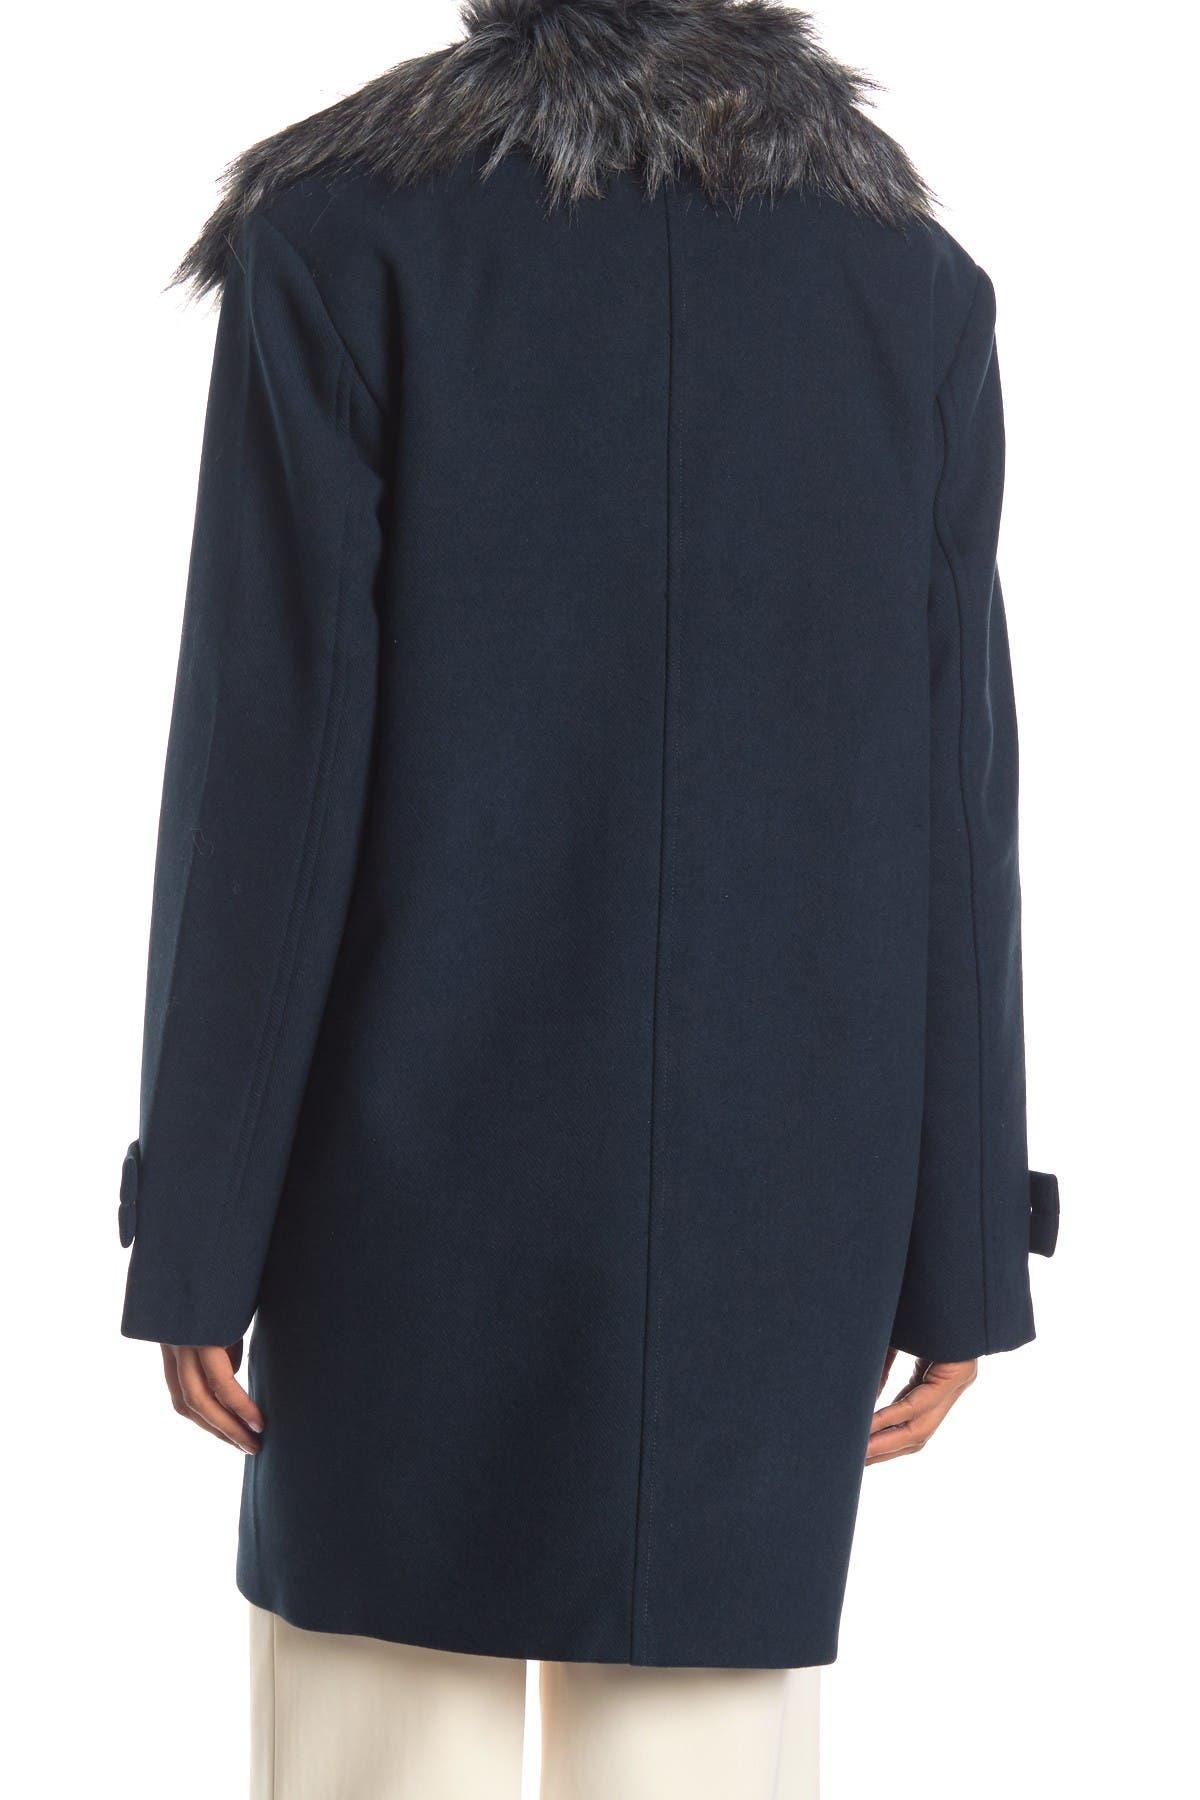 Image of Nine West Faux Fur Trim Asymmetrical Zip Coat